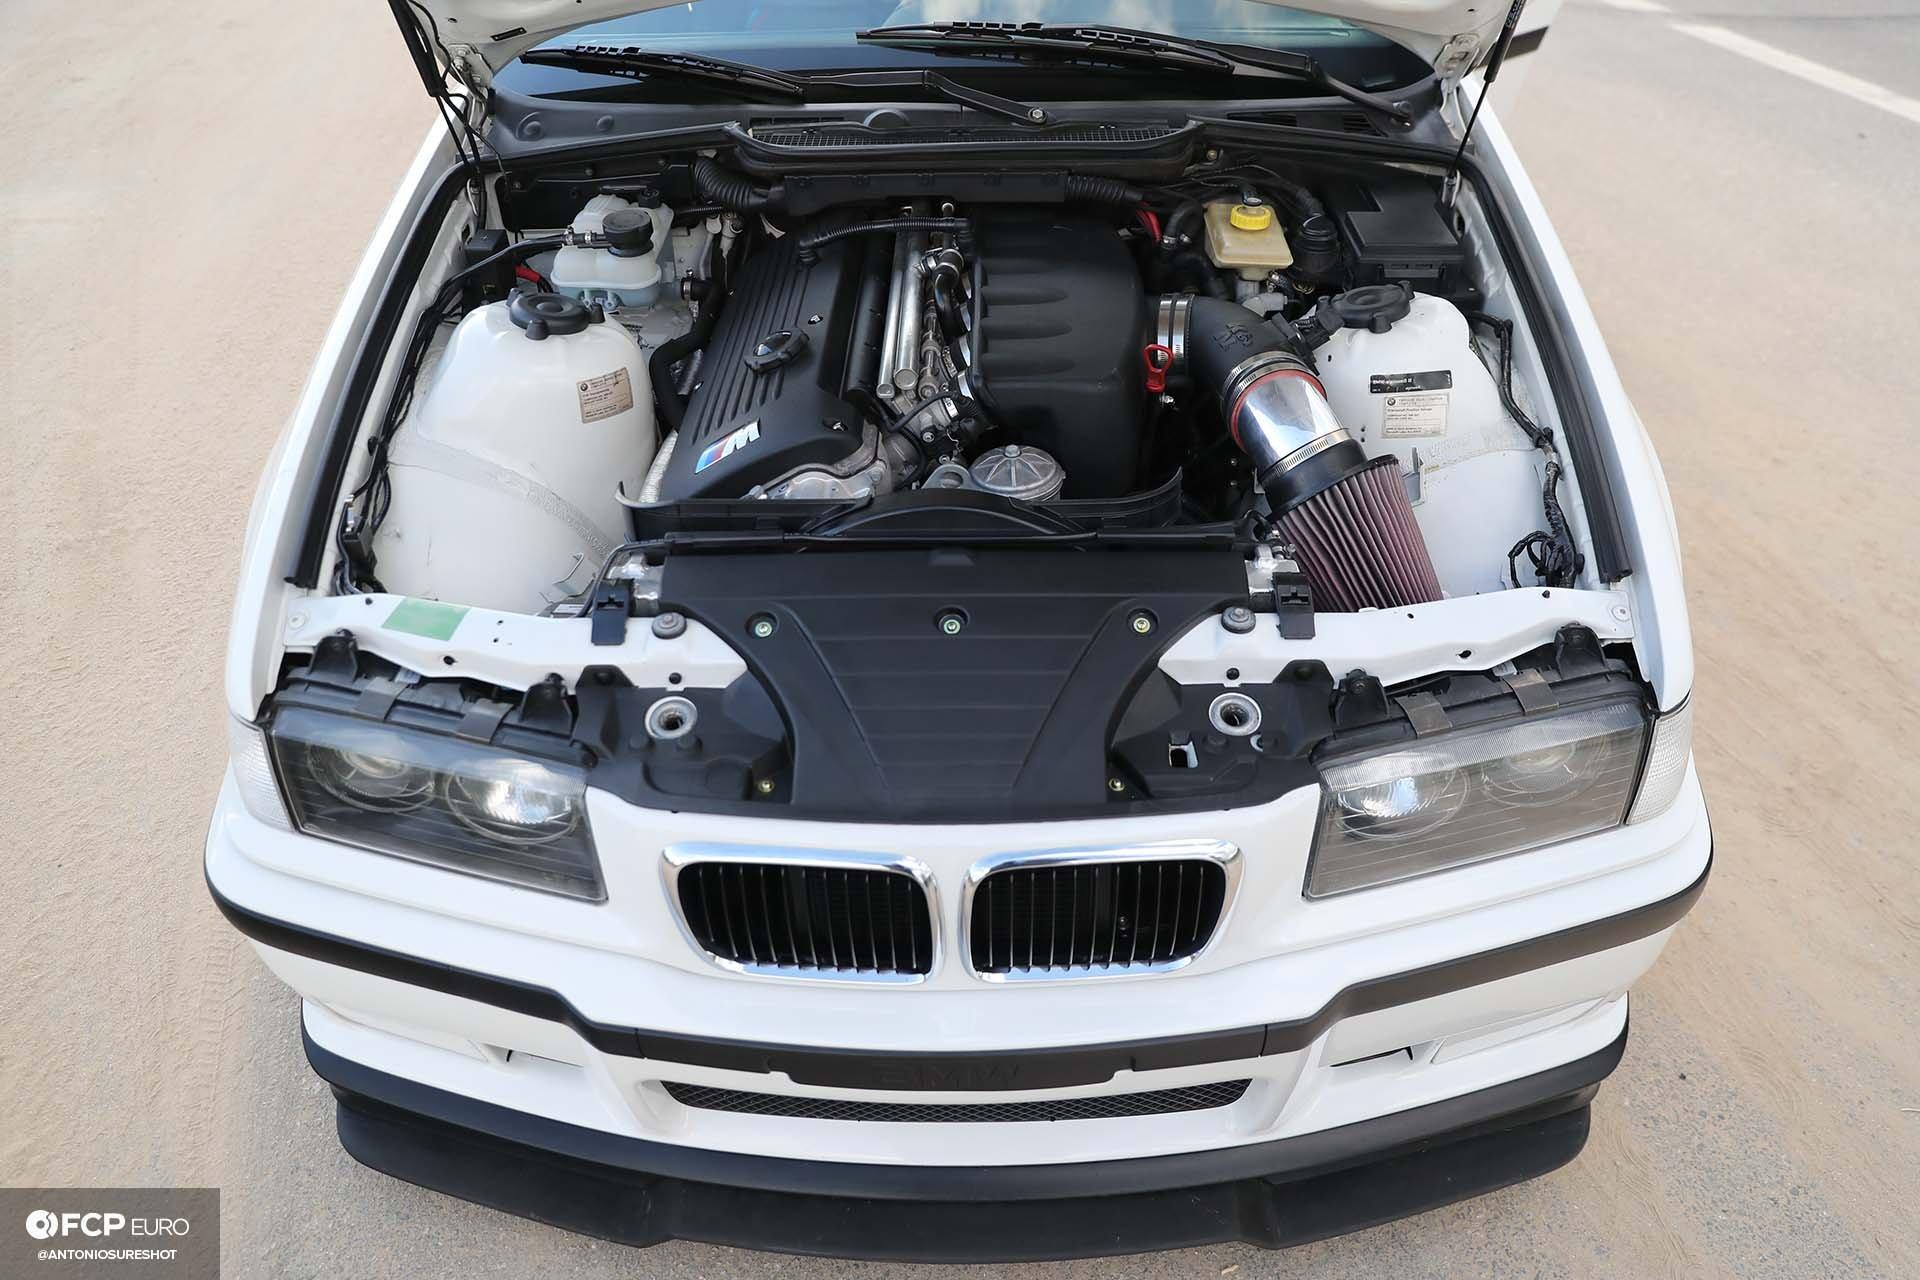 Garage Welt E36 BMW M3 4door sedan S54 swap